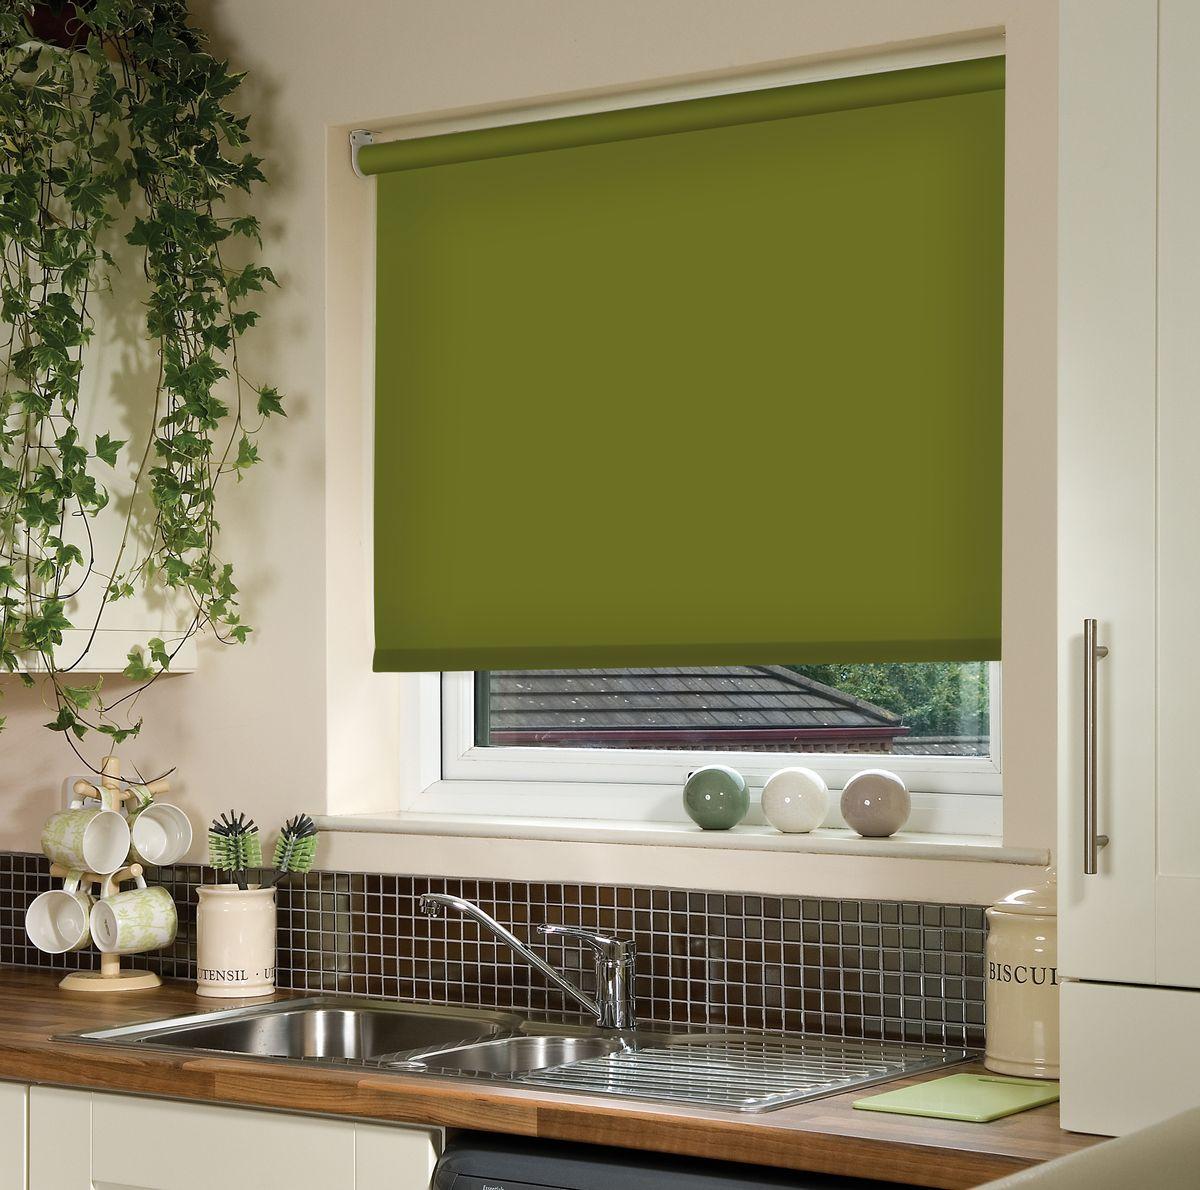 Штора рулонная Эскар, цвет: темно-оливковый, ширина 60 см, высота 170 см80653Рулонными шторами можно оформлять окна как самостоятельно, так и использовать в комбинации с портьерами. Это поможет предотвратить выгорание дорогой ткани на солнце и соединит функционал рулонных с красотой навесных.Преимущества применения рулонных штор для пластиковых окон:- имеют прекрасный внешний вид: многообразие и фактурность материала изделия отлично смотрятся в любом интерьере; - многофункциональны: есть возможность подобрать шторы способные эффективно защитить комнату от солнца, при этом о на не будет слишком темной. - Есть возможность осуществить быстрый монтаж. ВНИМАНИЕ! Размеры ширины изделия указаны по ширине ткани!Во время эксплуатации не рекомендуется полностью разматывать рулон, чтобы не оторвать ткань от намоточного вала.В случае загрязнения поверхности ткани, чистку шторы проводят одним из способов, в зависимости от типа загрязнения: легкое поверхностное загрязнение можно удалить при помощи канцелярского ластика; чистка от пыли производится сухим методом при помощи пылесоса с мягкой щеткой-насадкой; для удаления пятна используйте мягкую губку с пенообразующим неагрессивным моющим средством или пятновыводитель на натуральной основе (нельзя применять растворители).